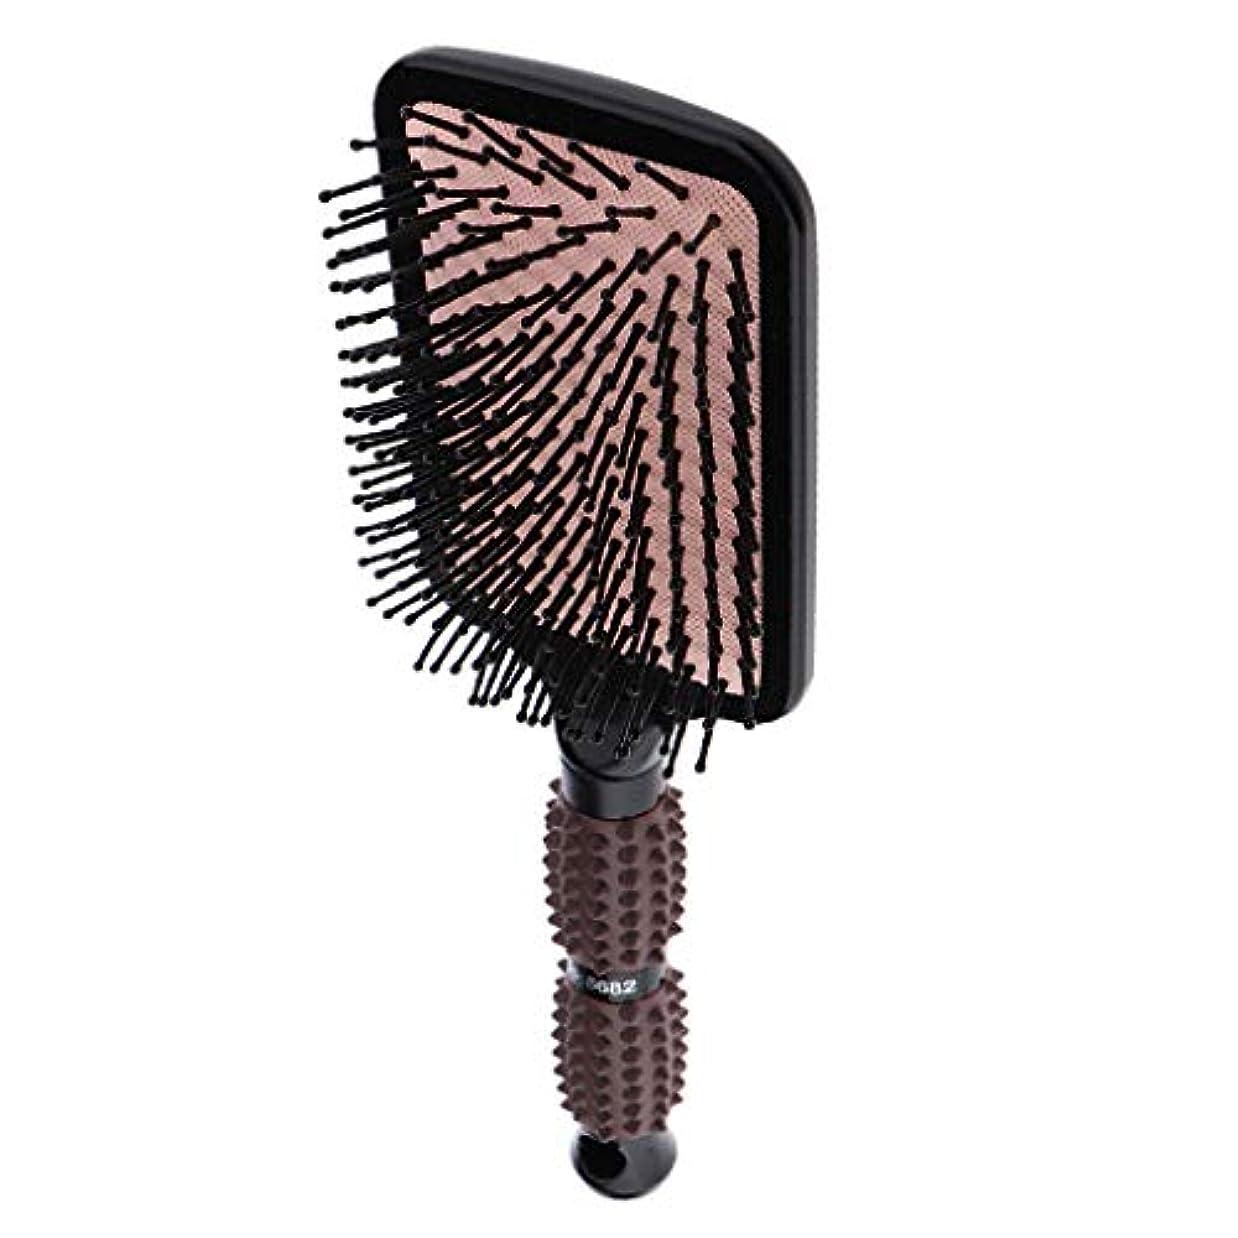 控えめな卒業スクラップブックヘアブラシ 毛 頭皮 マッサージ 美髪ケア マッサージコーム 帯電防止 全2サイズ選べ - スクエア